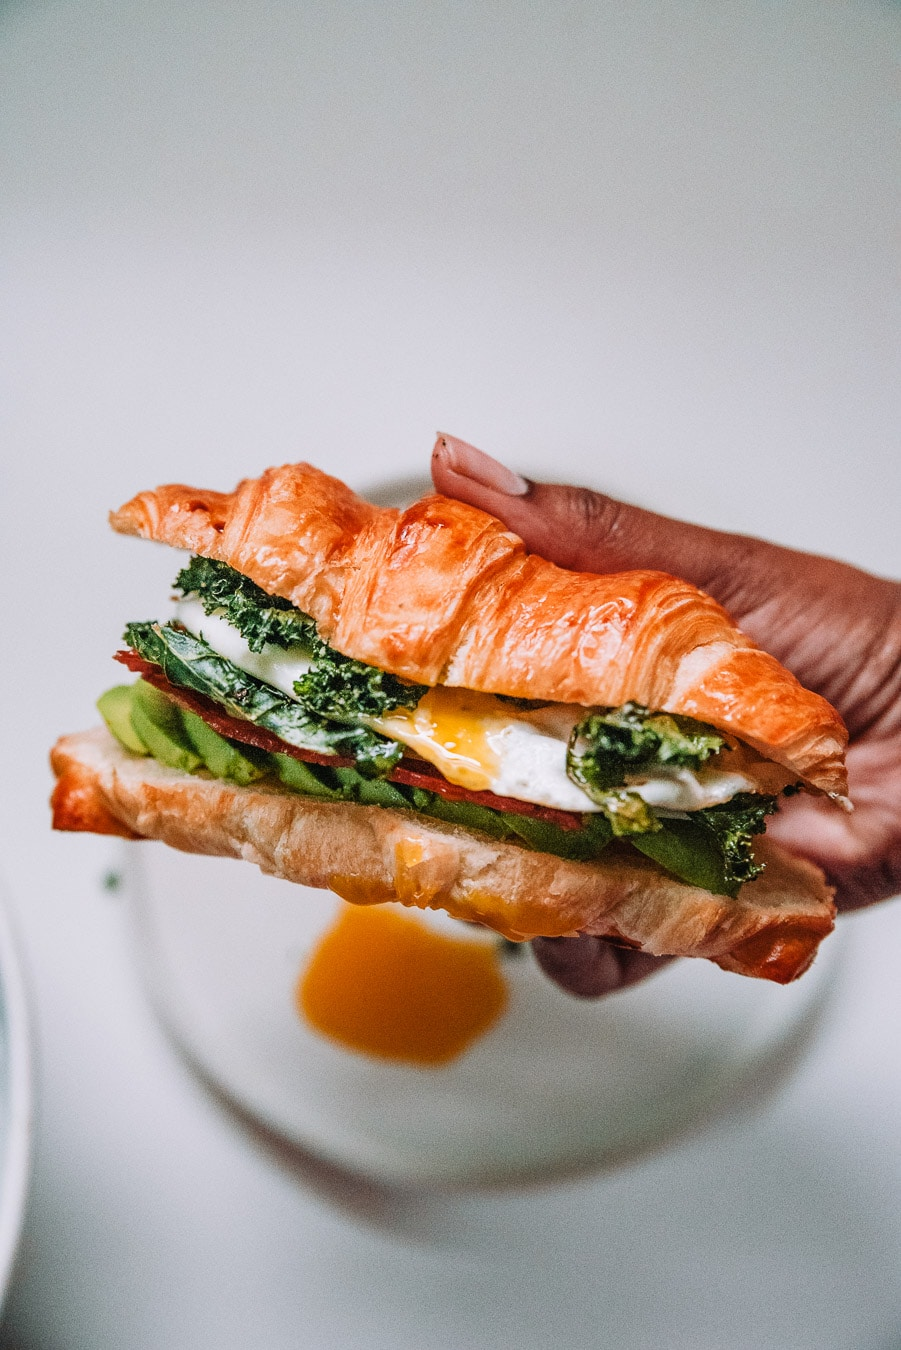 Breakfast Sandwich with Crispy Kale